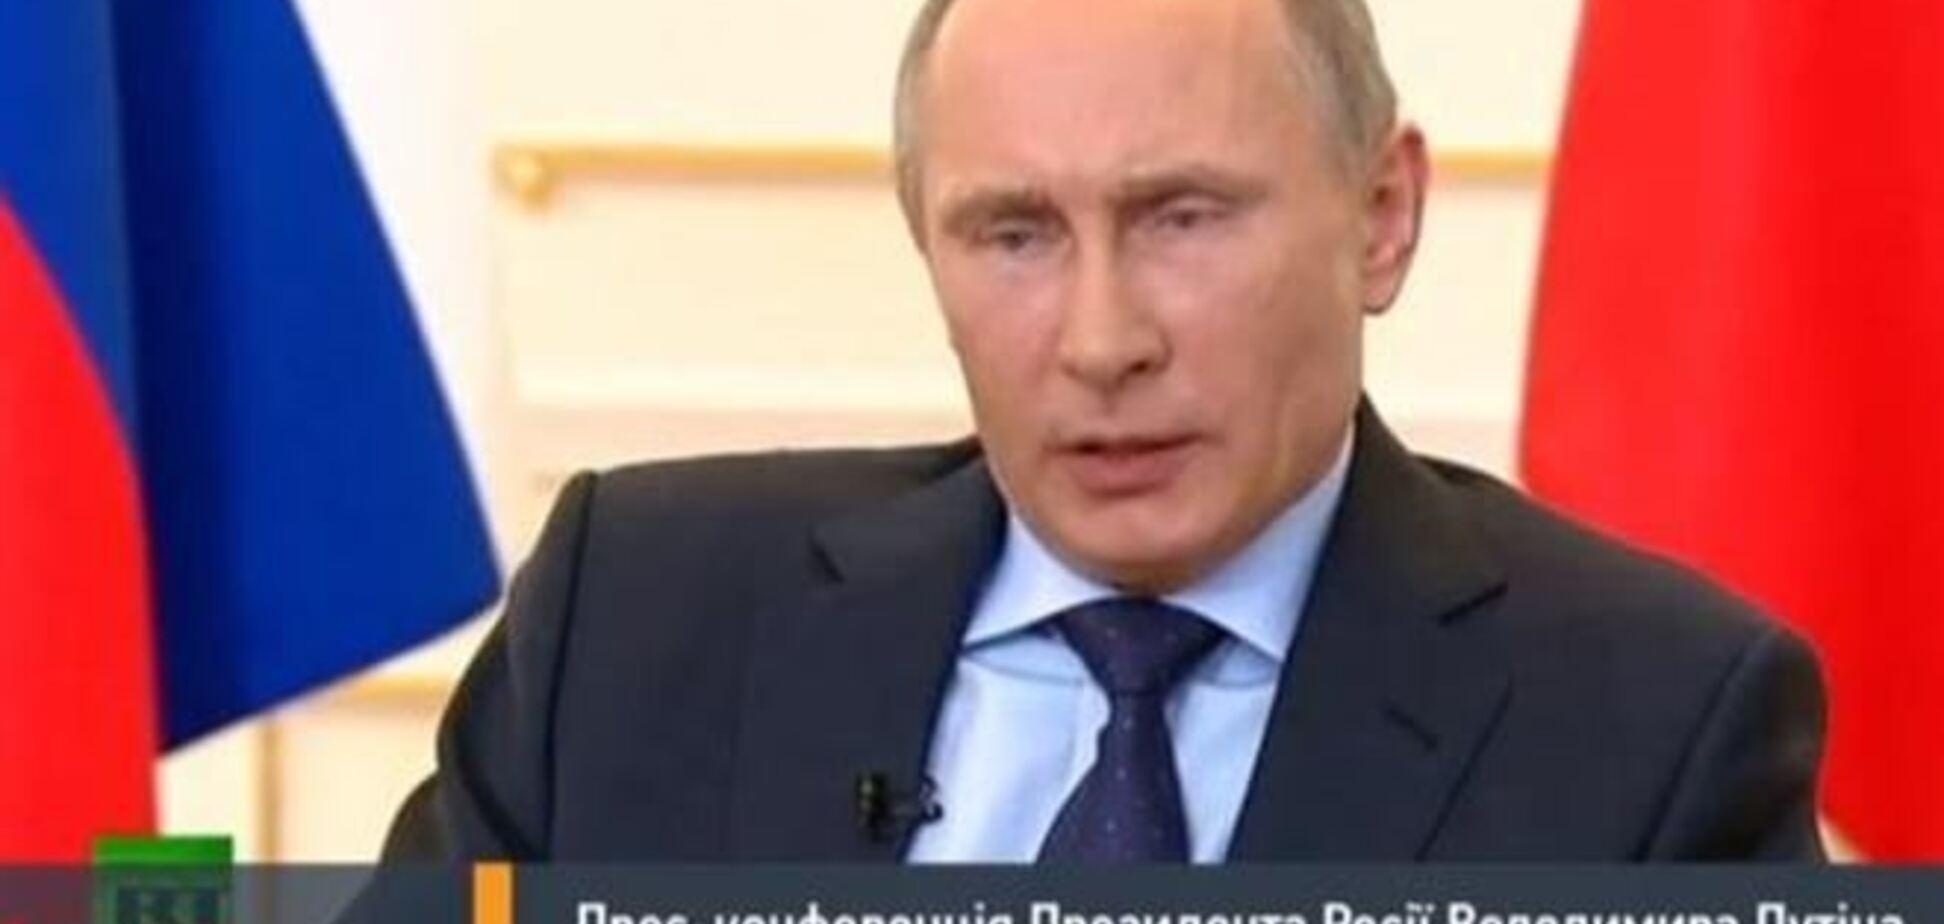 Путин: падение экономики не связано с событиями в Украине